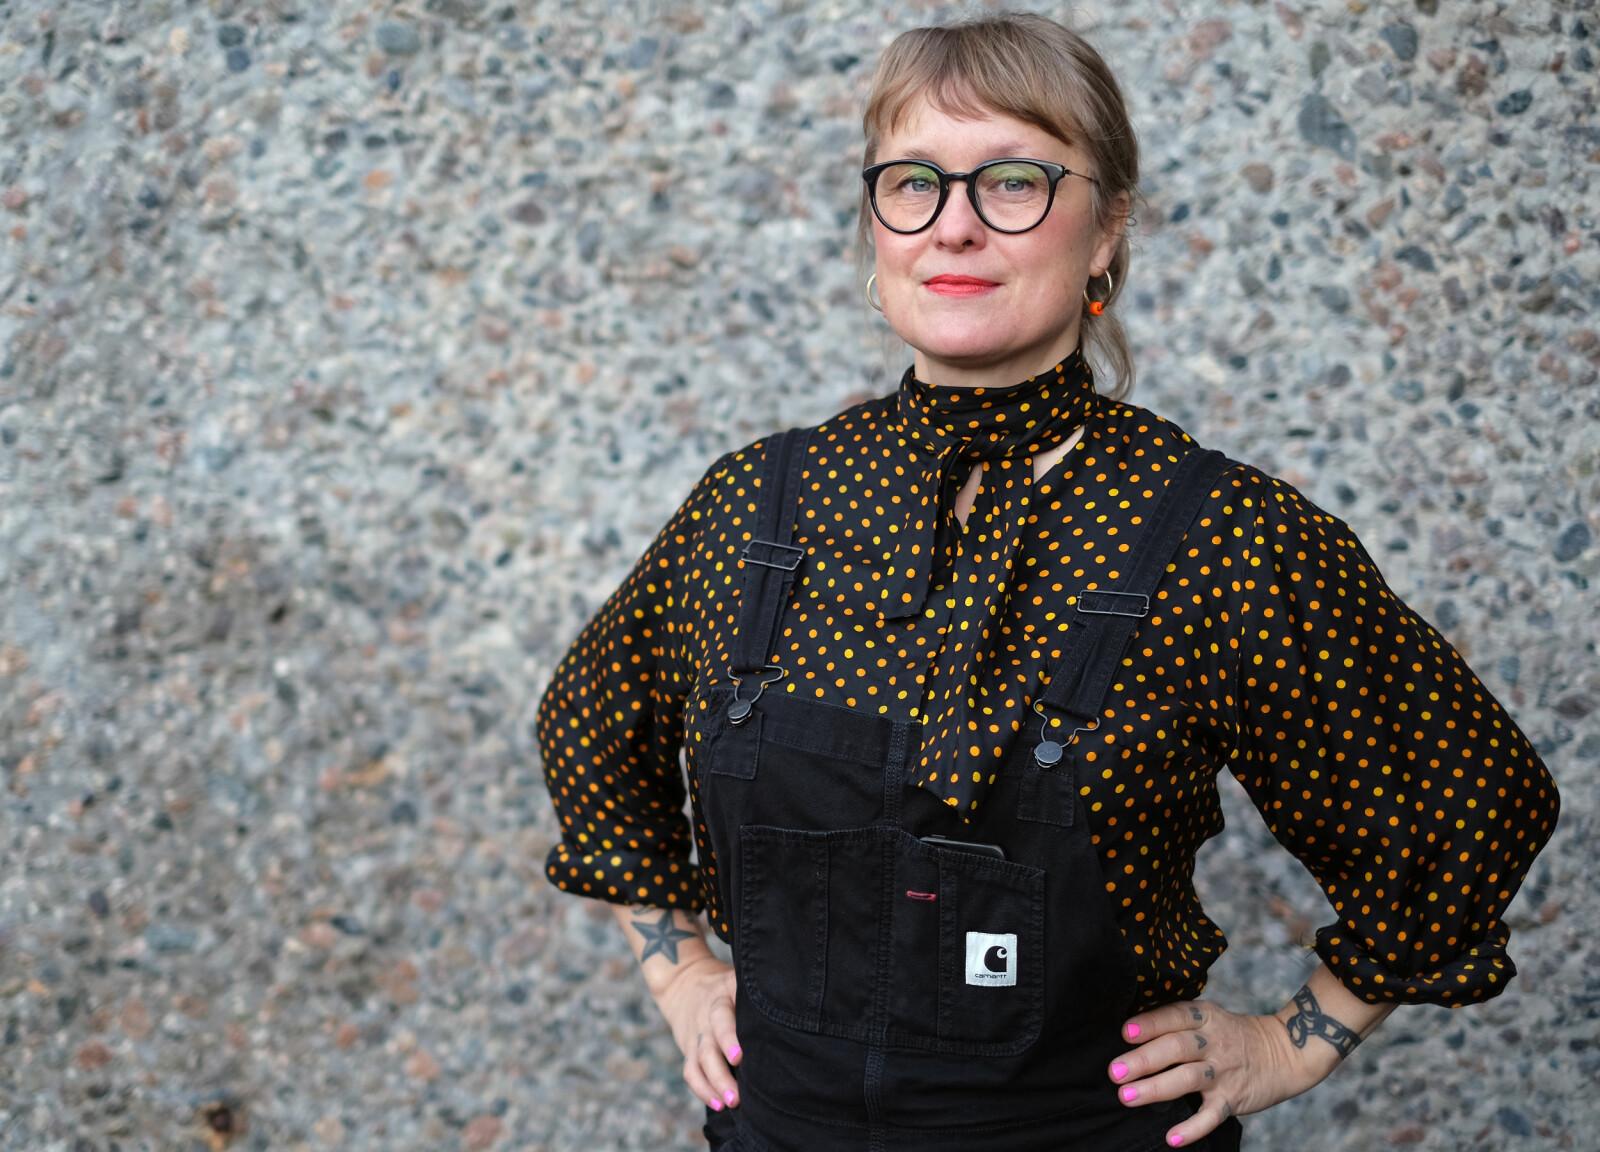 Billedkunstner Elise Storsveen har kuratert den nye samlingsutstillingen på Henie Onstad-senteret.